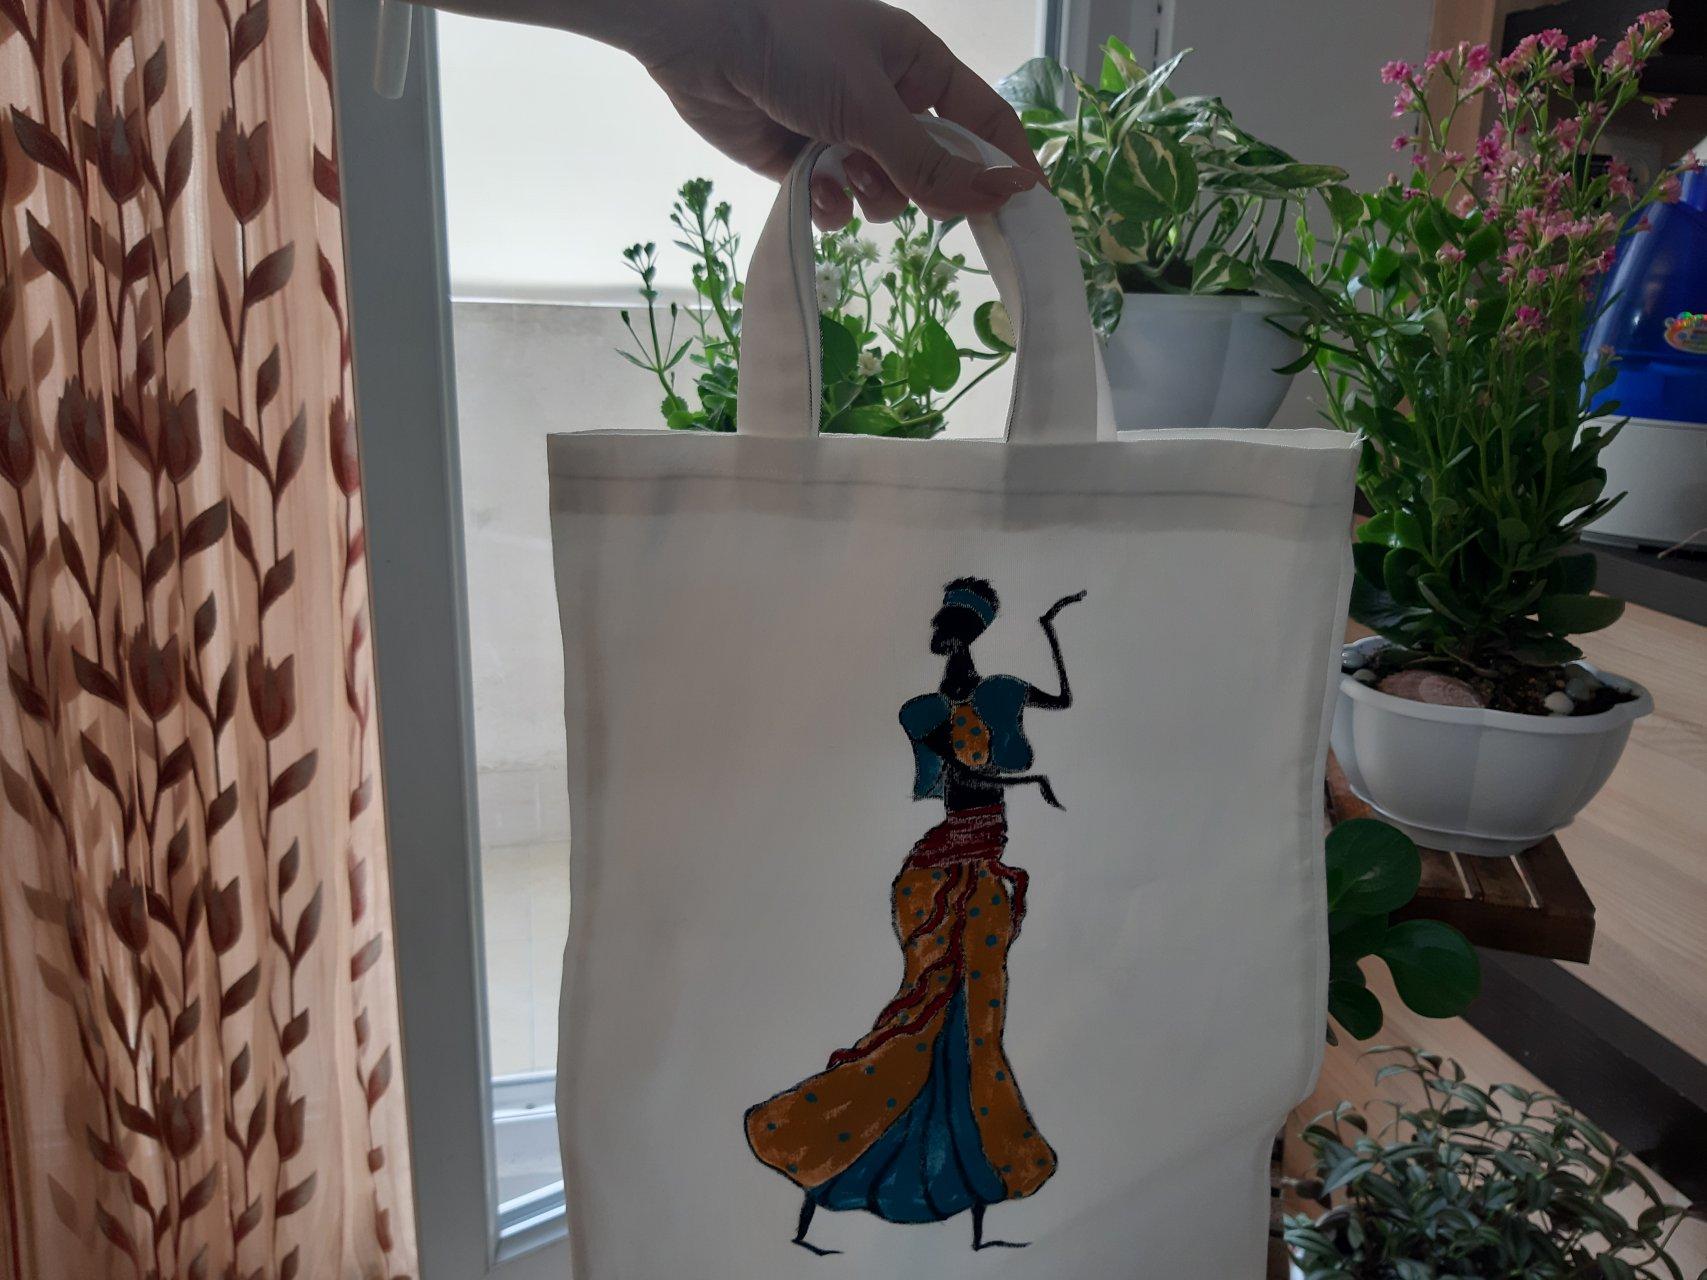 کیف دستی نقاشی شده طرح نمایش افریقایی